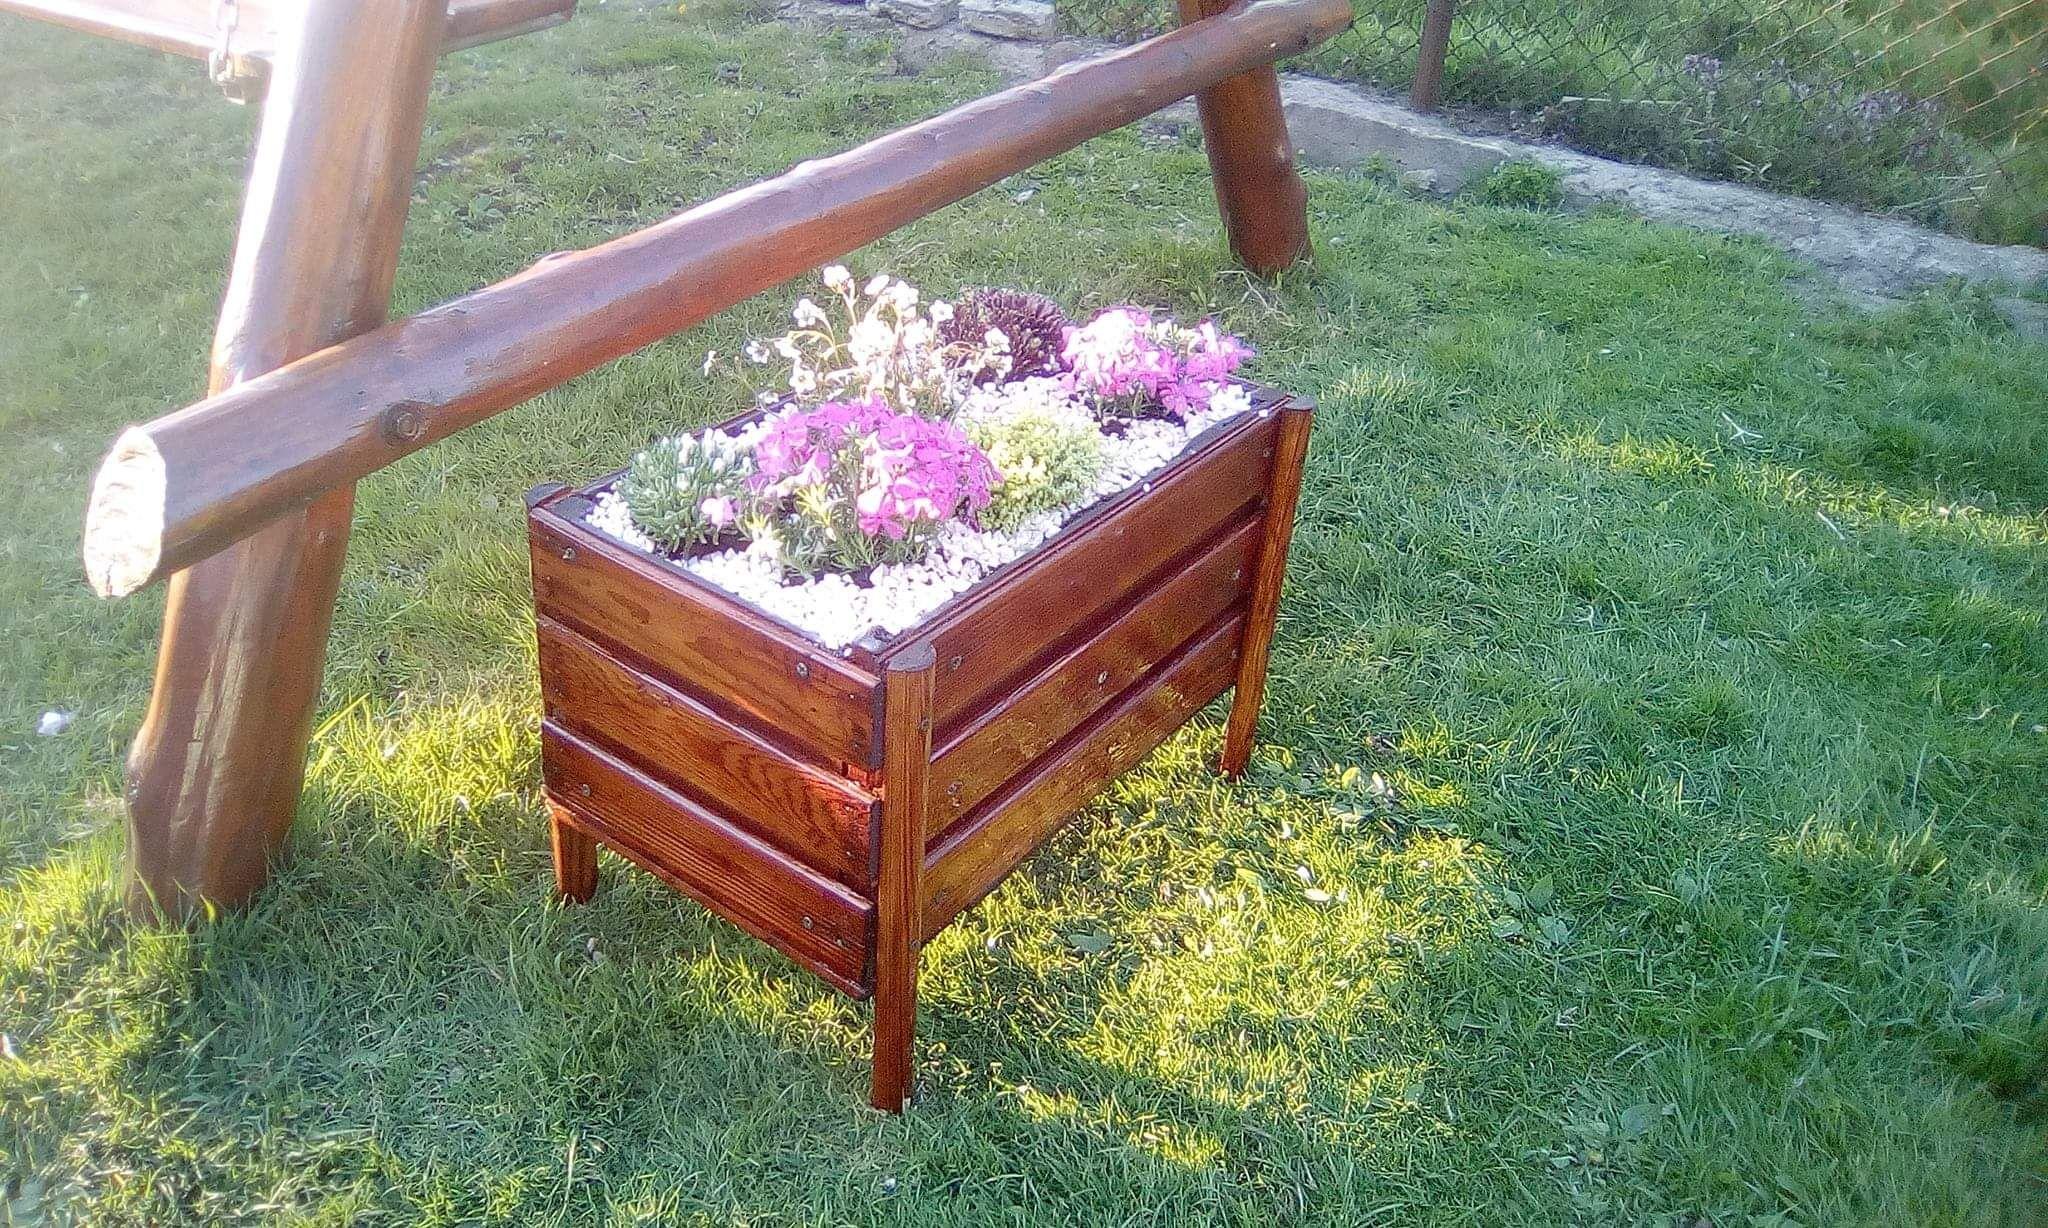 Skrzynka Na Kwiaty Wykonana Ze Starej Skrzynki Na Owoce Outdoor Decor Outdoor Furniture Decor